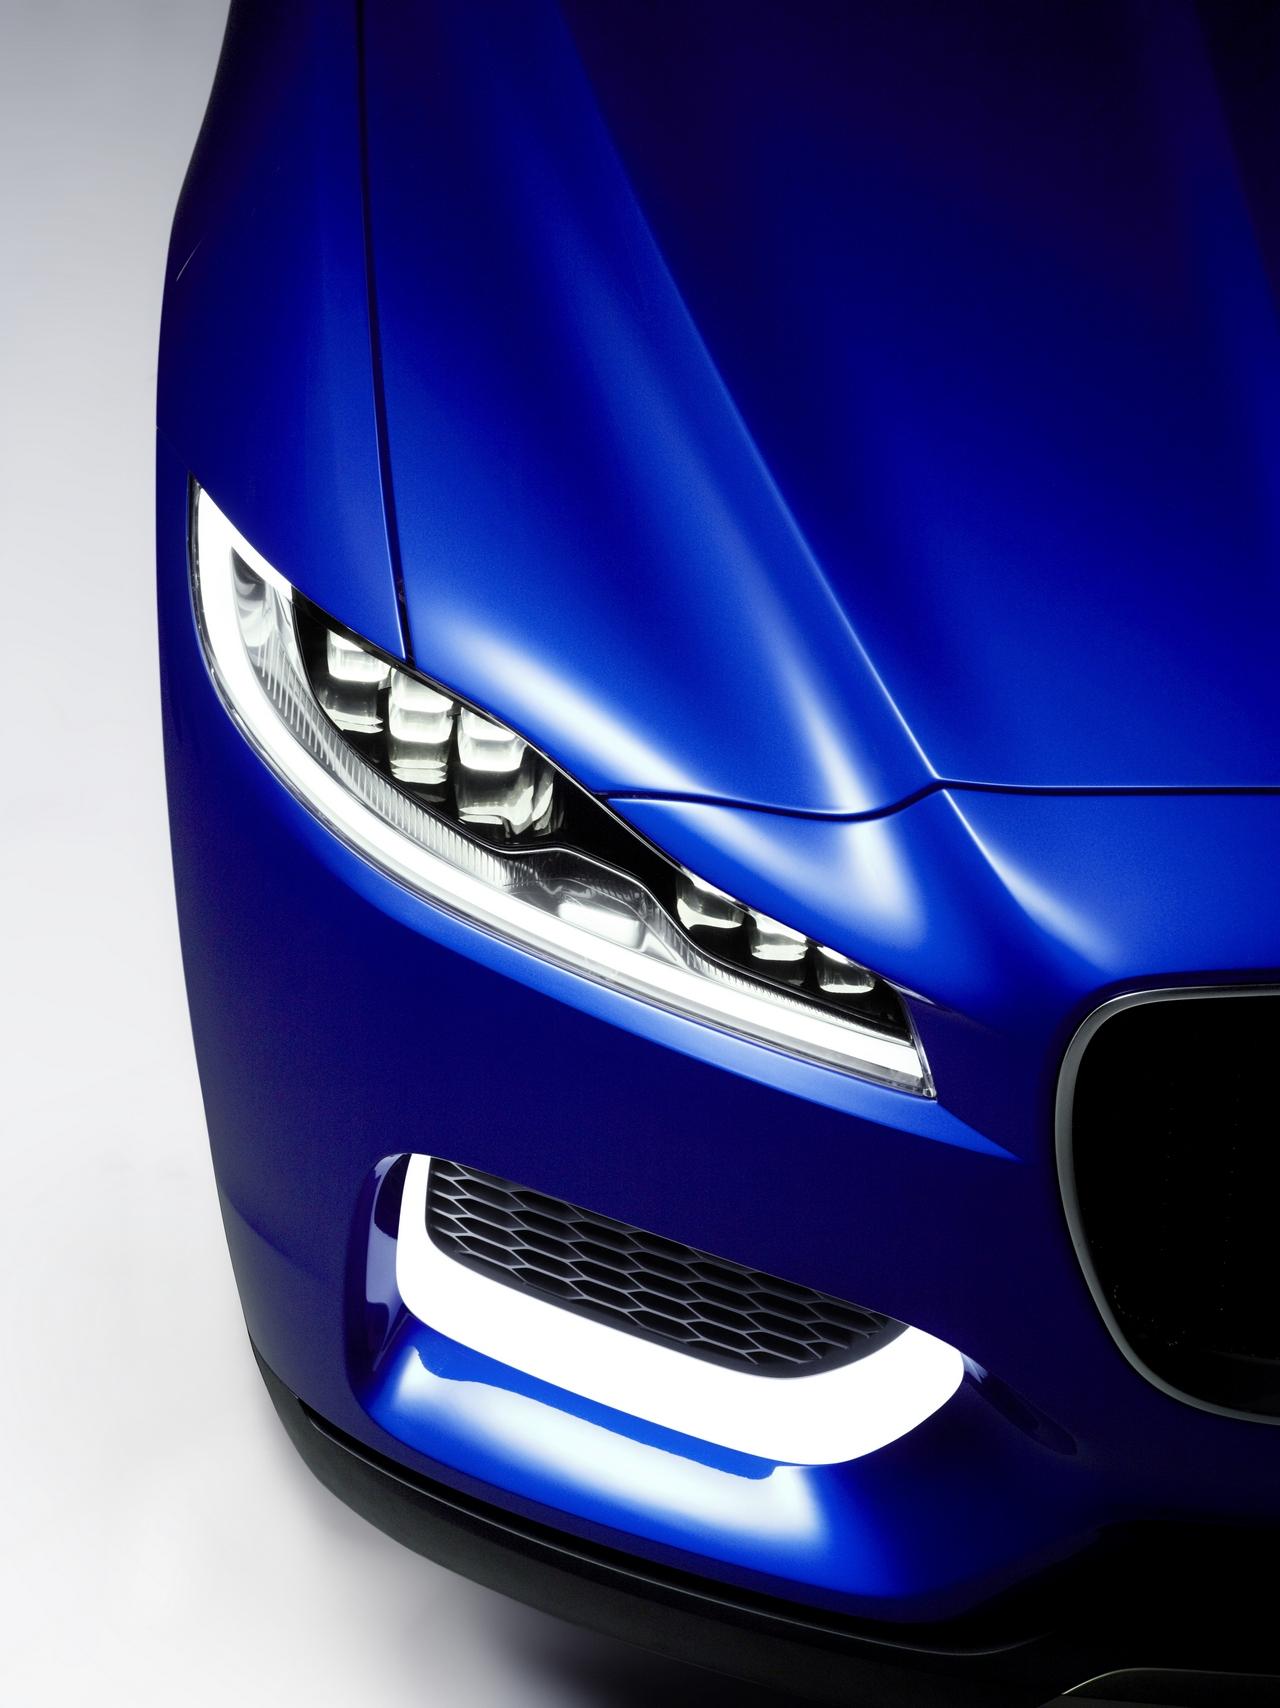 jaguar-c-x17-sports-crossover-concept_270-100